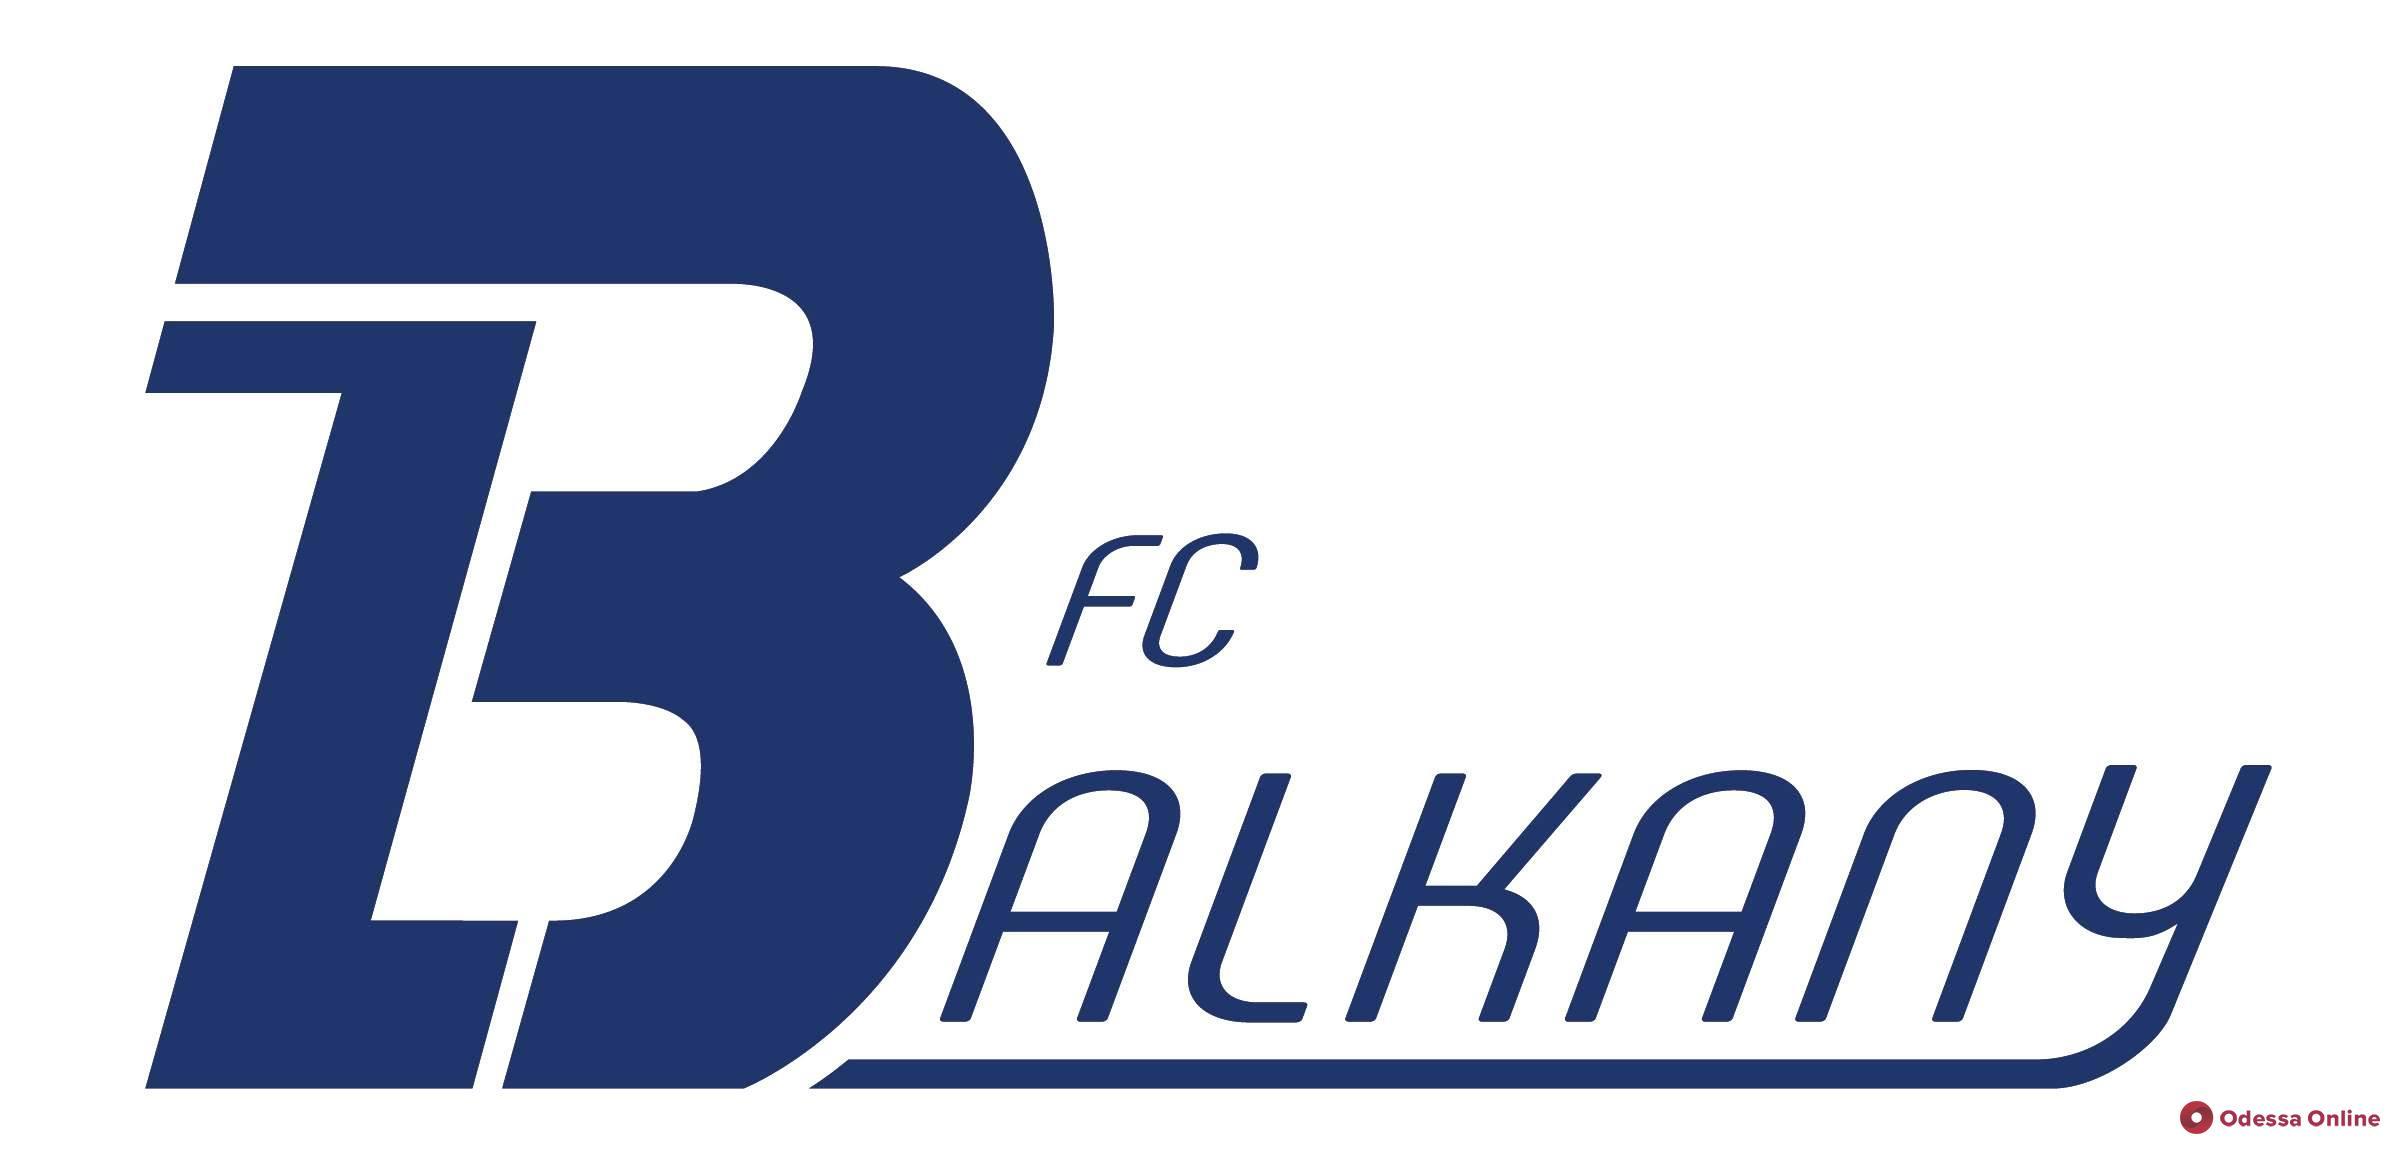 ФК «Балканы» представил новый логотип и видеоролик о главных победах команды (видео)